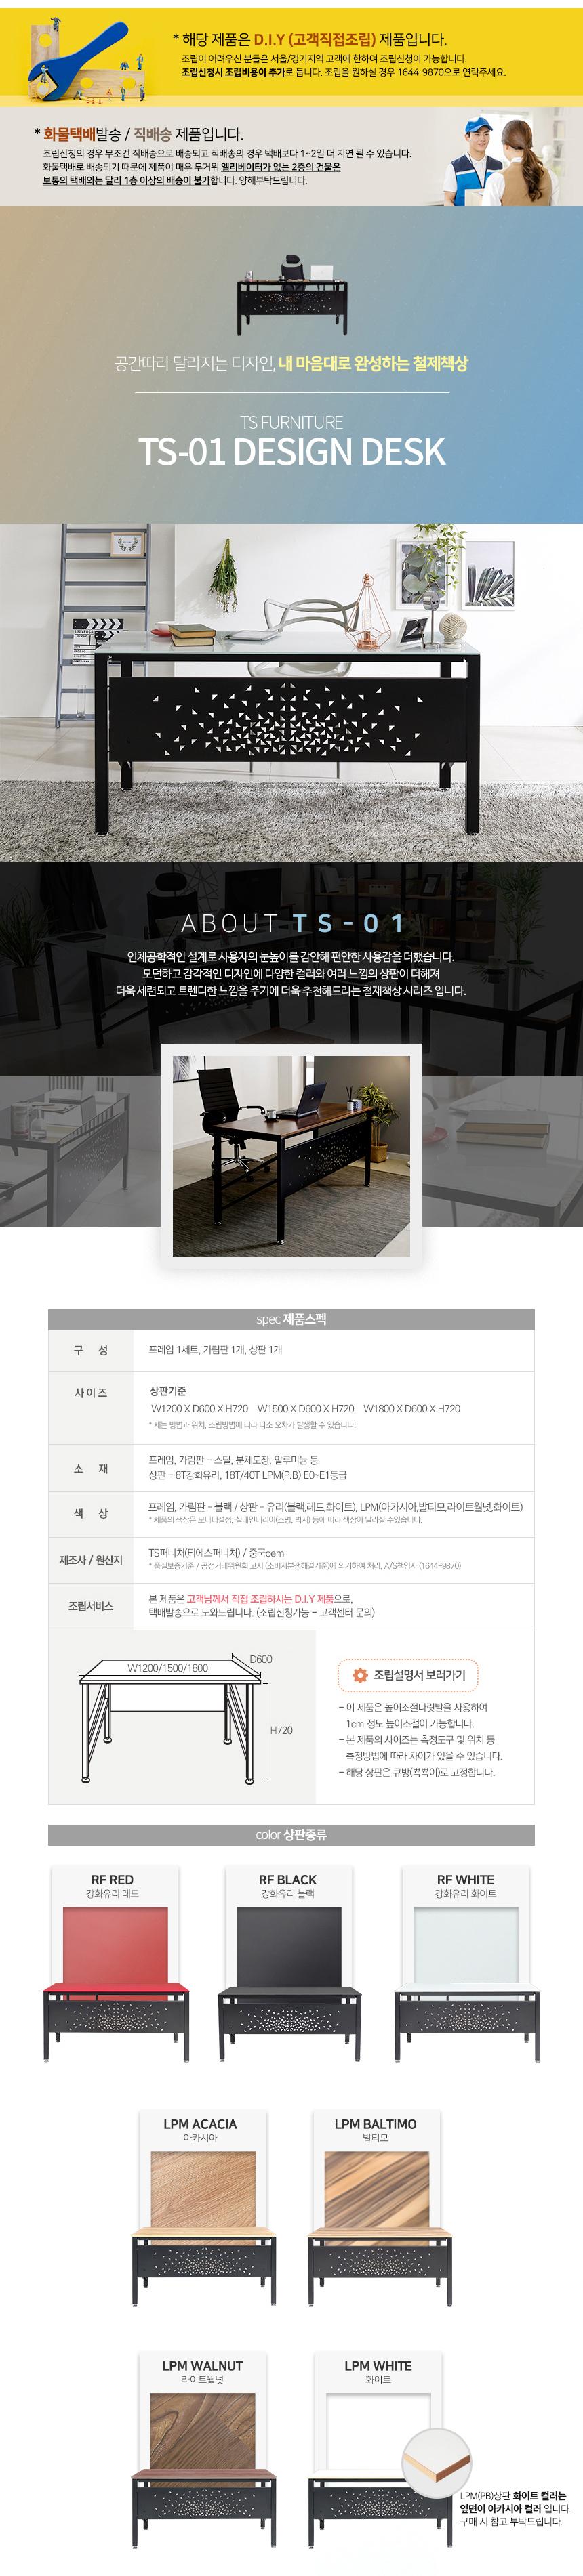 TS-01 LPM 책상 1500x600 철제 컴퓨터 사무용책상 - 티에스퍼니처, 147,000원, 책상/의자, 일반 책상